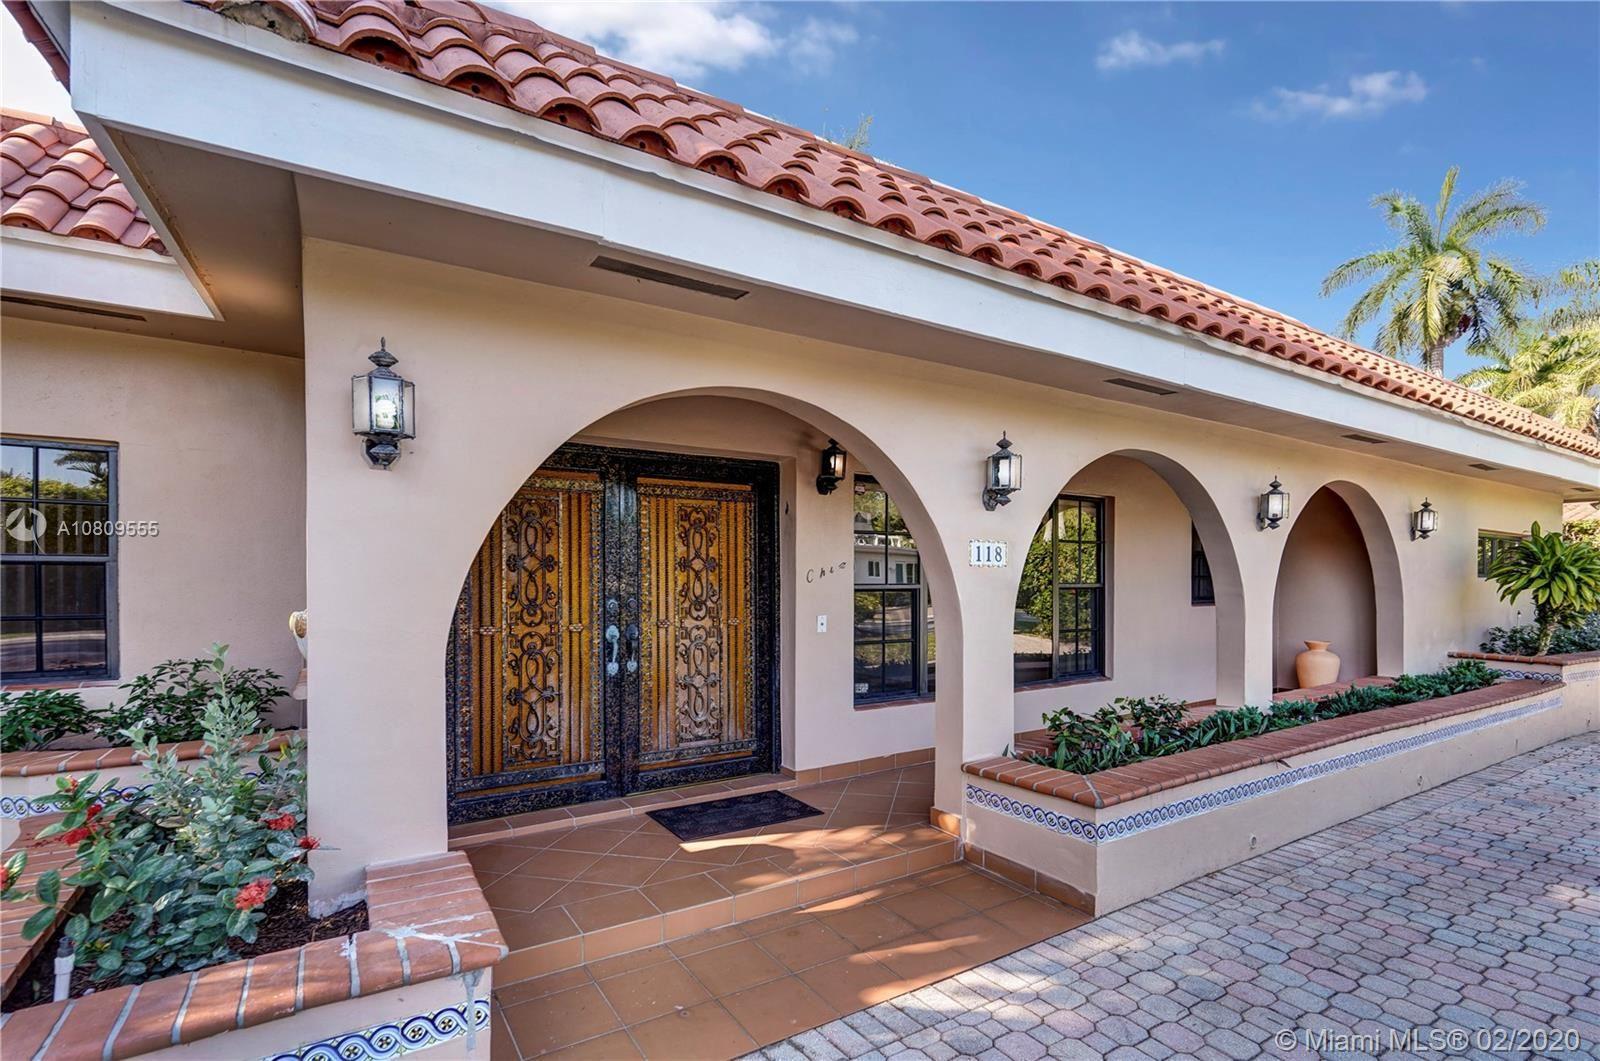 118 W 3rd Ct, Miami Beach, FL 33139 - #: A10809555